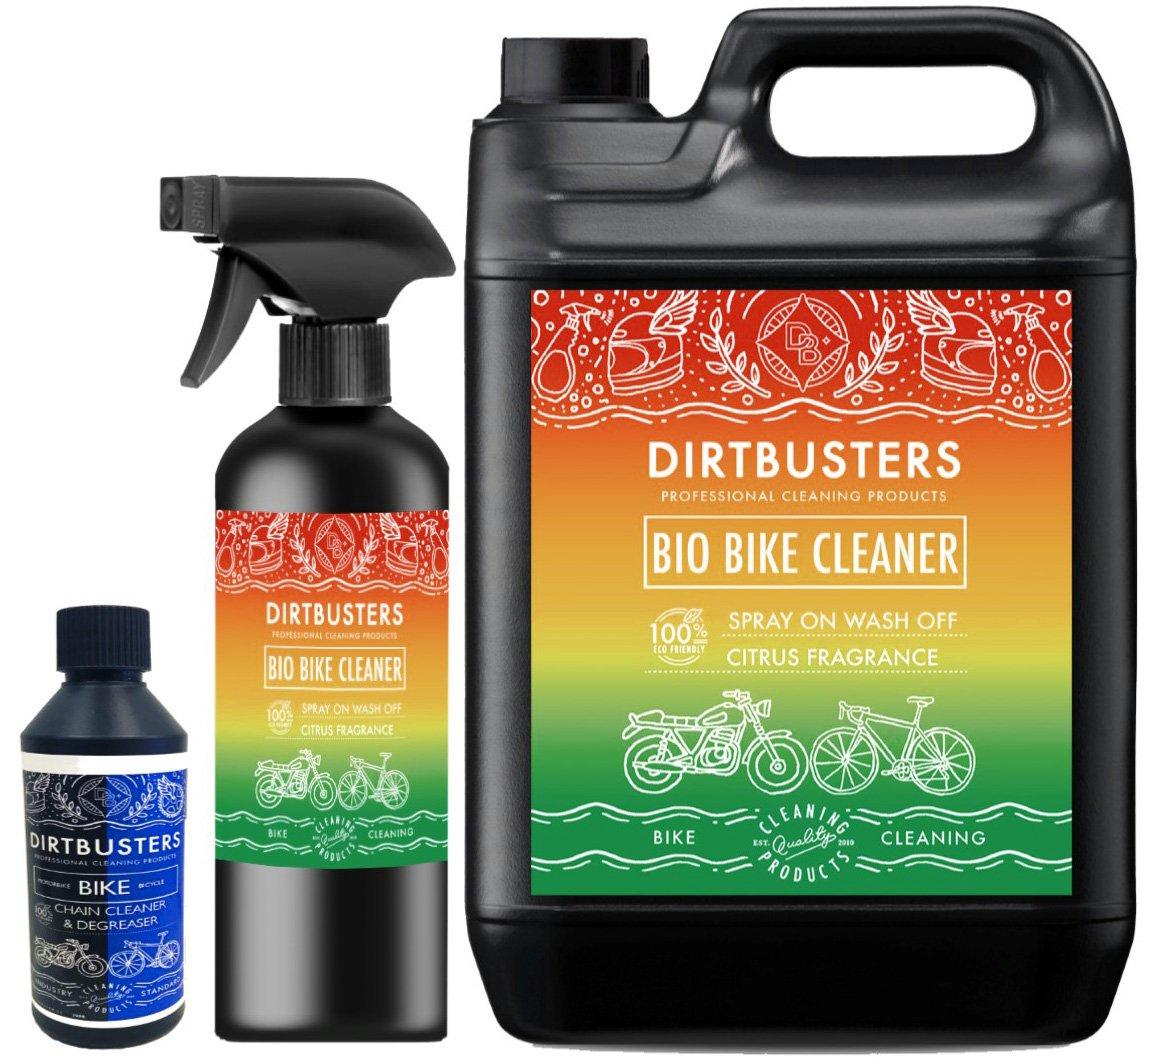 Dirtbusters Bio Bike Cleaner Set de limpiador ecológico para motos y bicicletas, incluye limpiador en spray de 1 litro, bidón de 5 litros de limpiador para rellenar y desengrasante para cadenas de